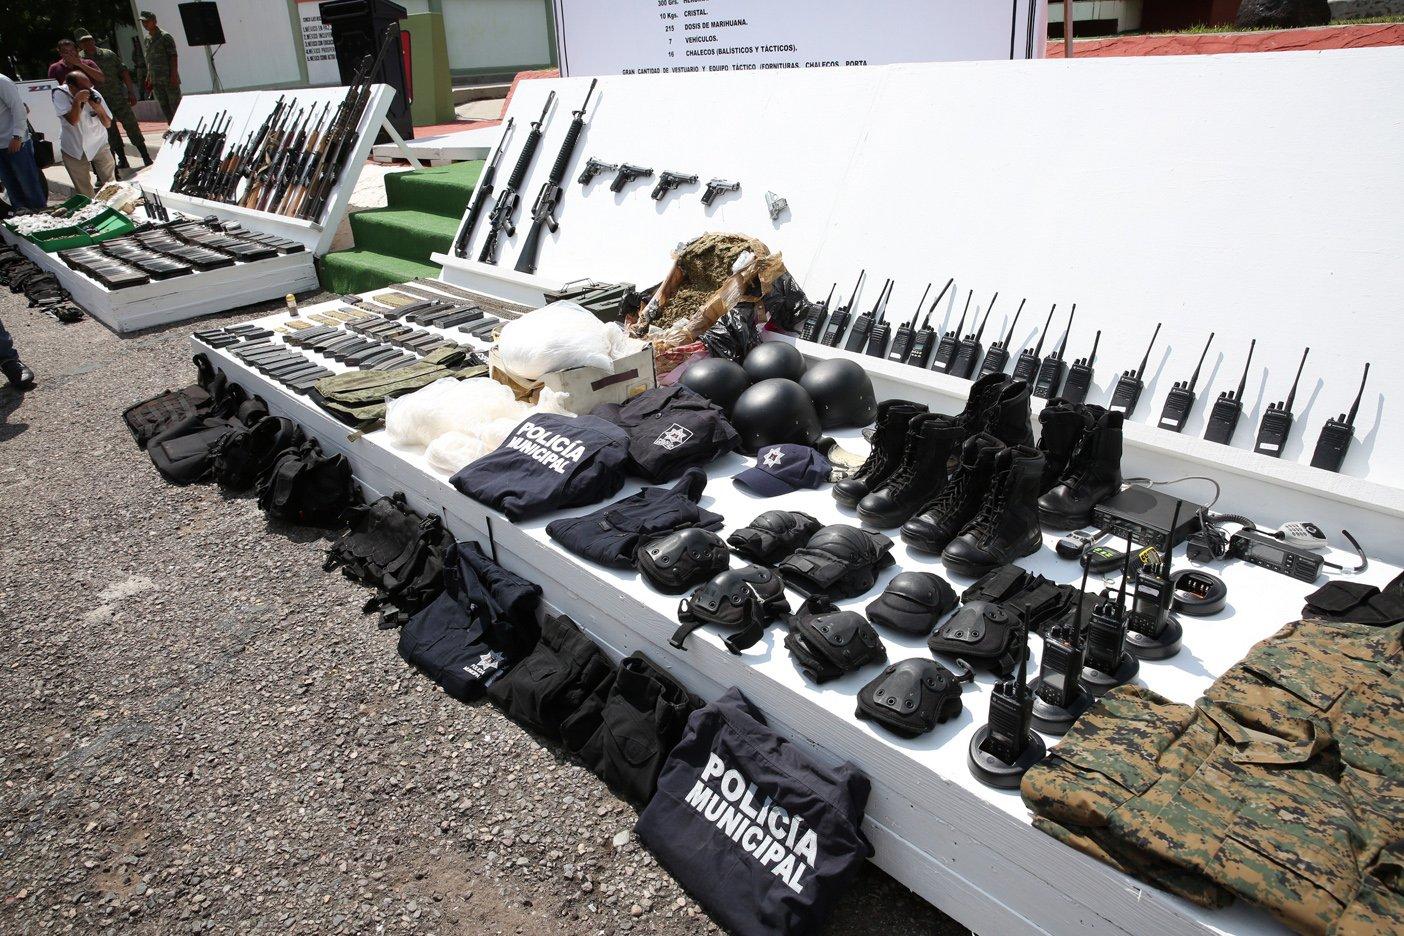 Arsenal, Vehículos y Droga lo asegurado tras emboscada en la Ciudad de Culiacán durante operativos especiales